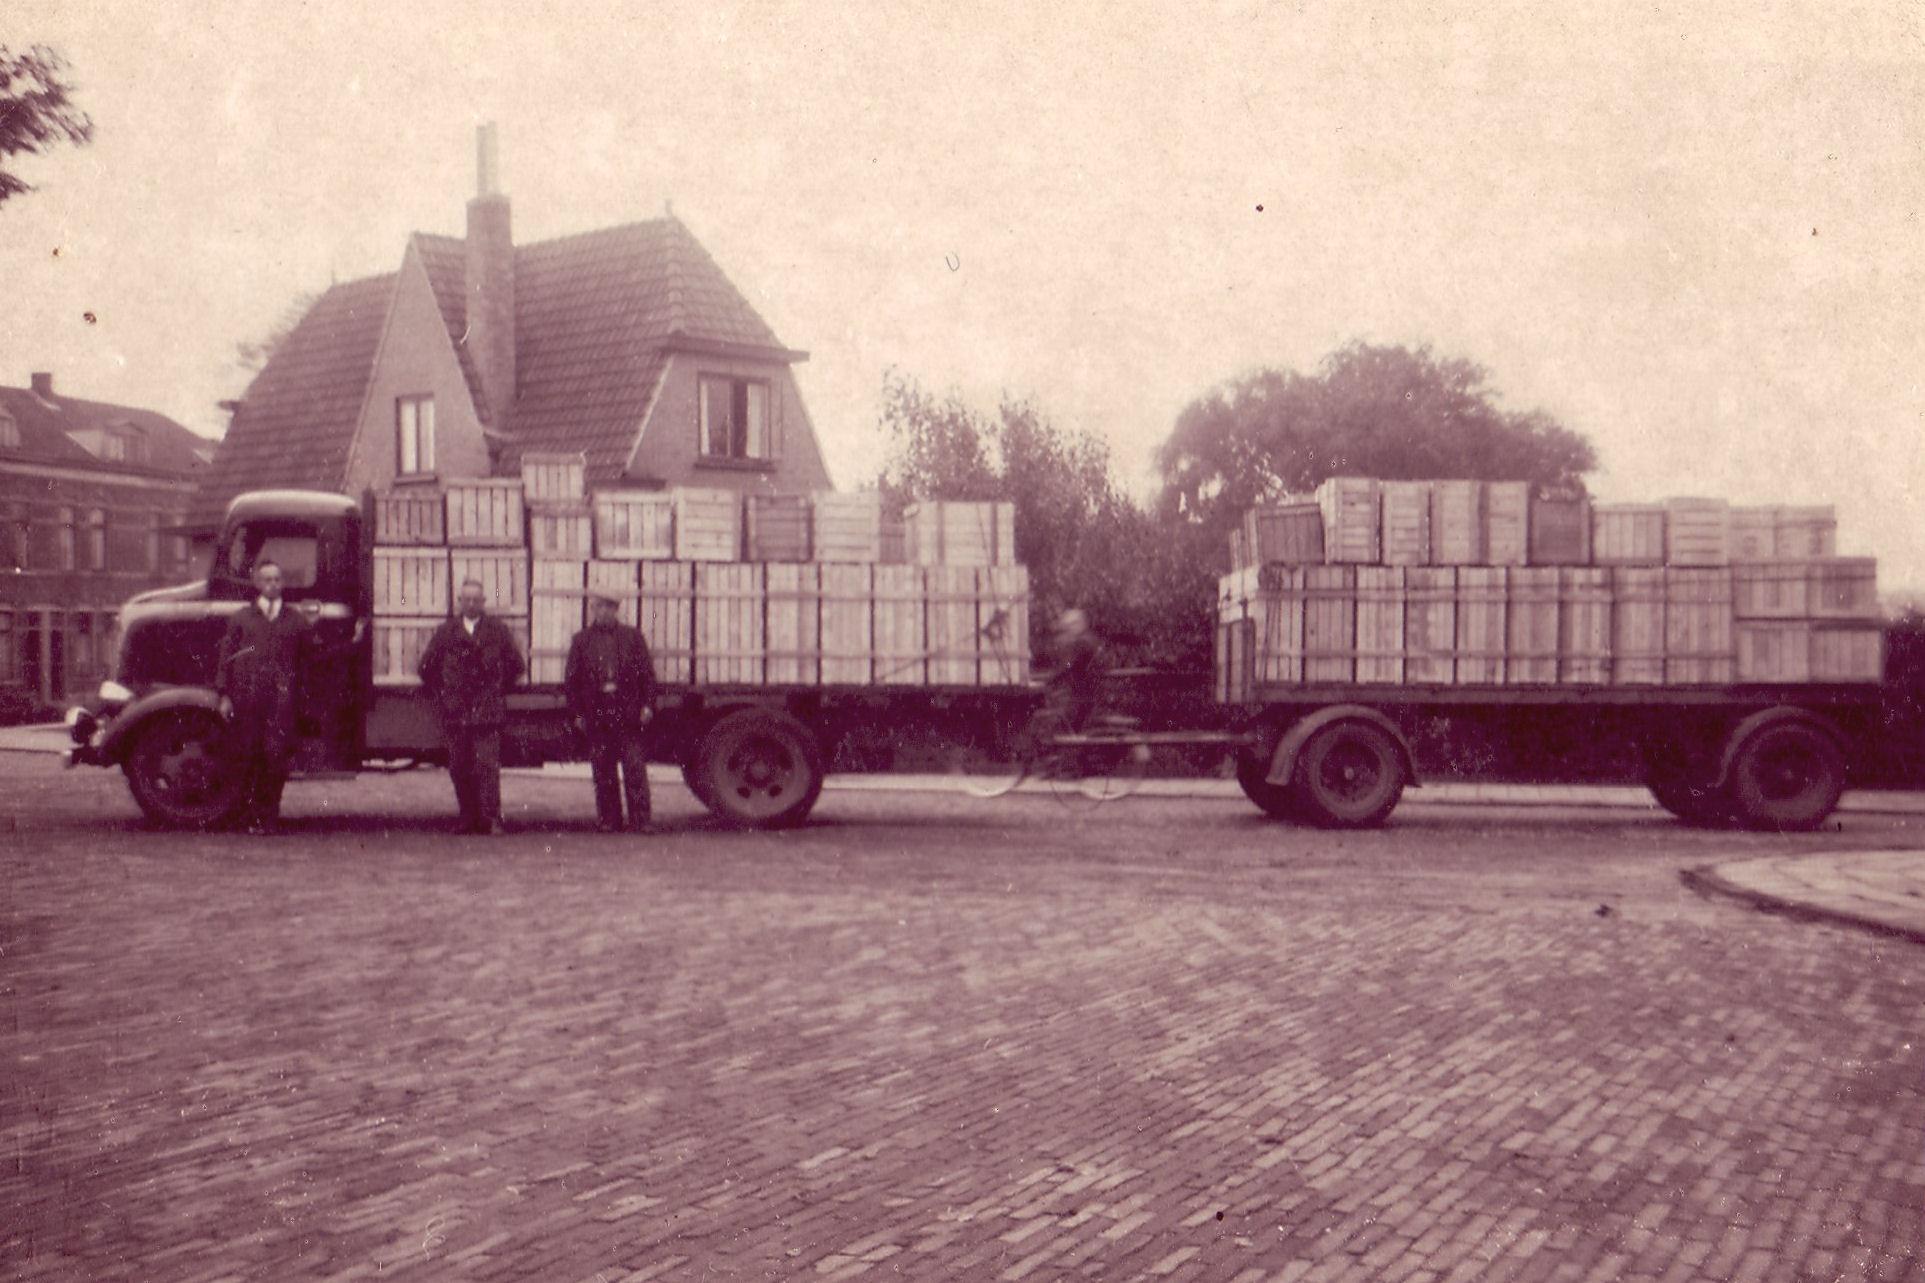 Oldsmobile-1937--V-Dooren-Hillegom